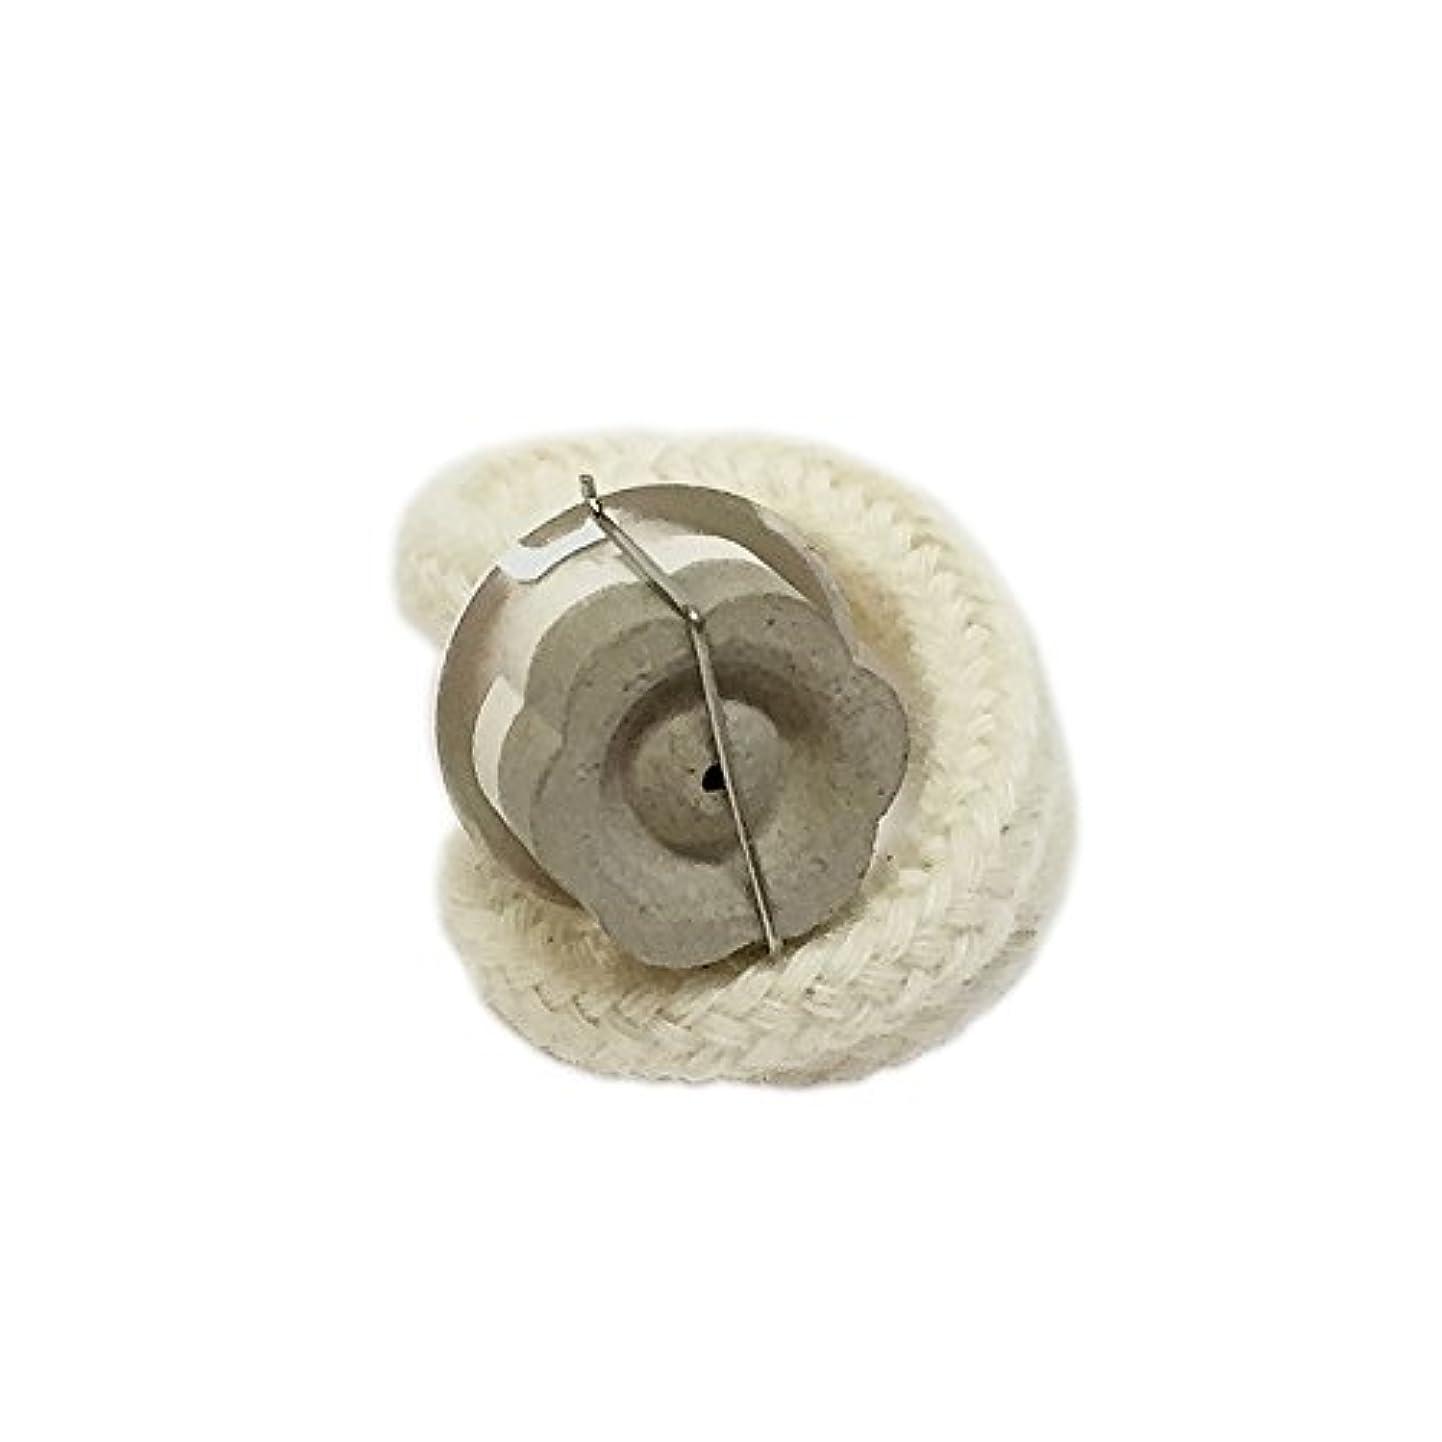 アジテーション心理的に悪行ミニランプ用 交換バーナー (シルバー) セラミック芯